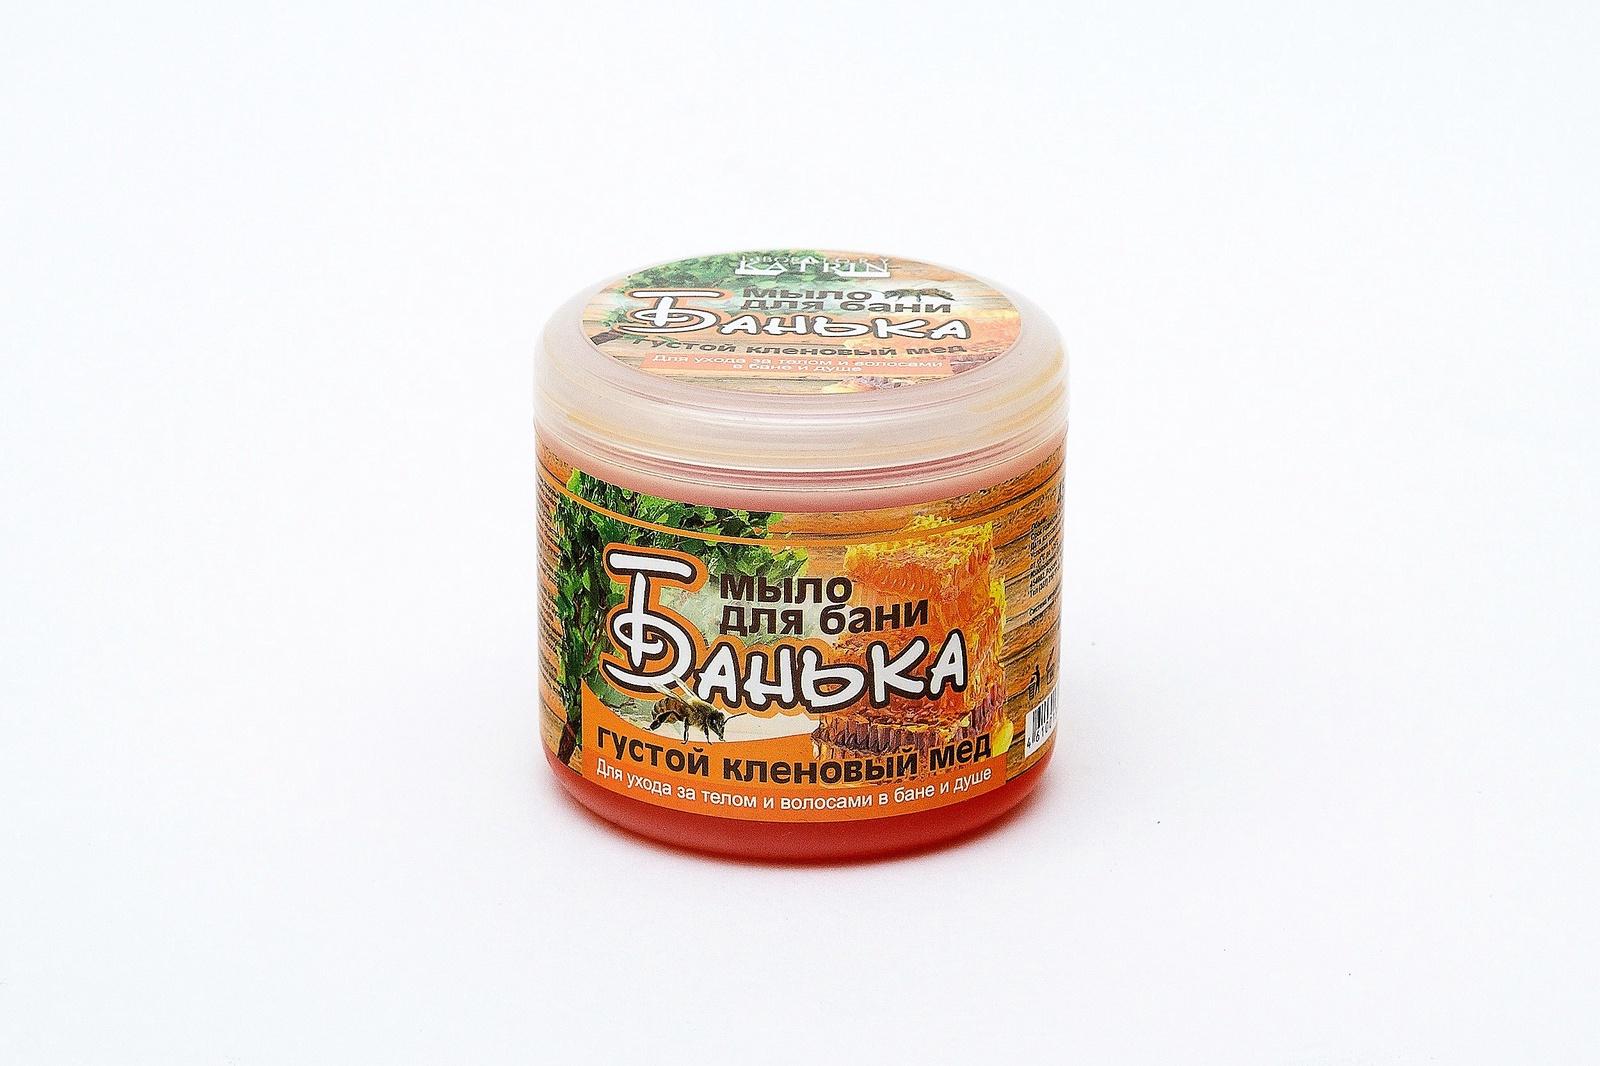 Густое мыло для бани Laboratory Katrin серия БАНЬКА Густой кленовый мёд 450 мл густое мыло для бани laboratory katrin серия банька густая смола 450 мл